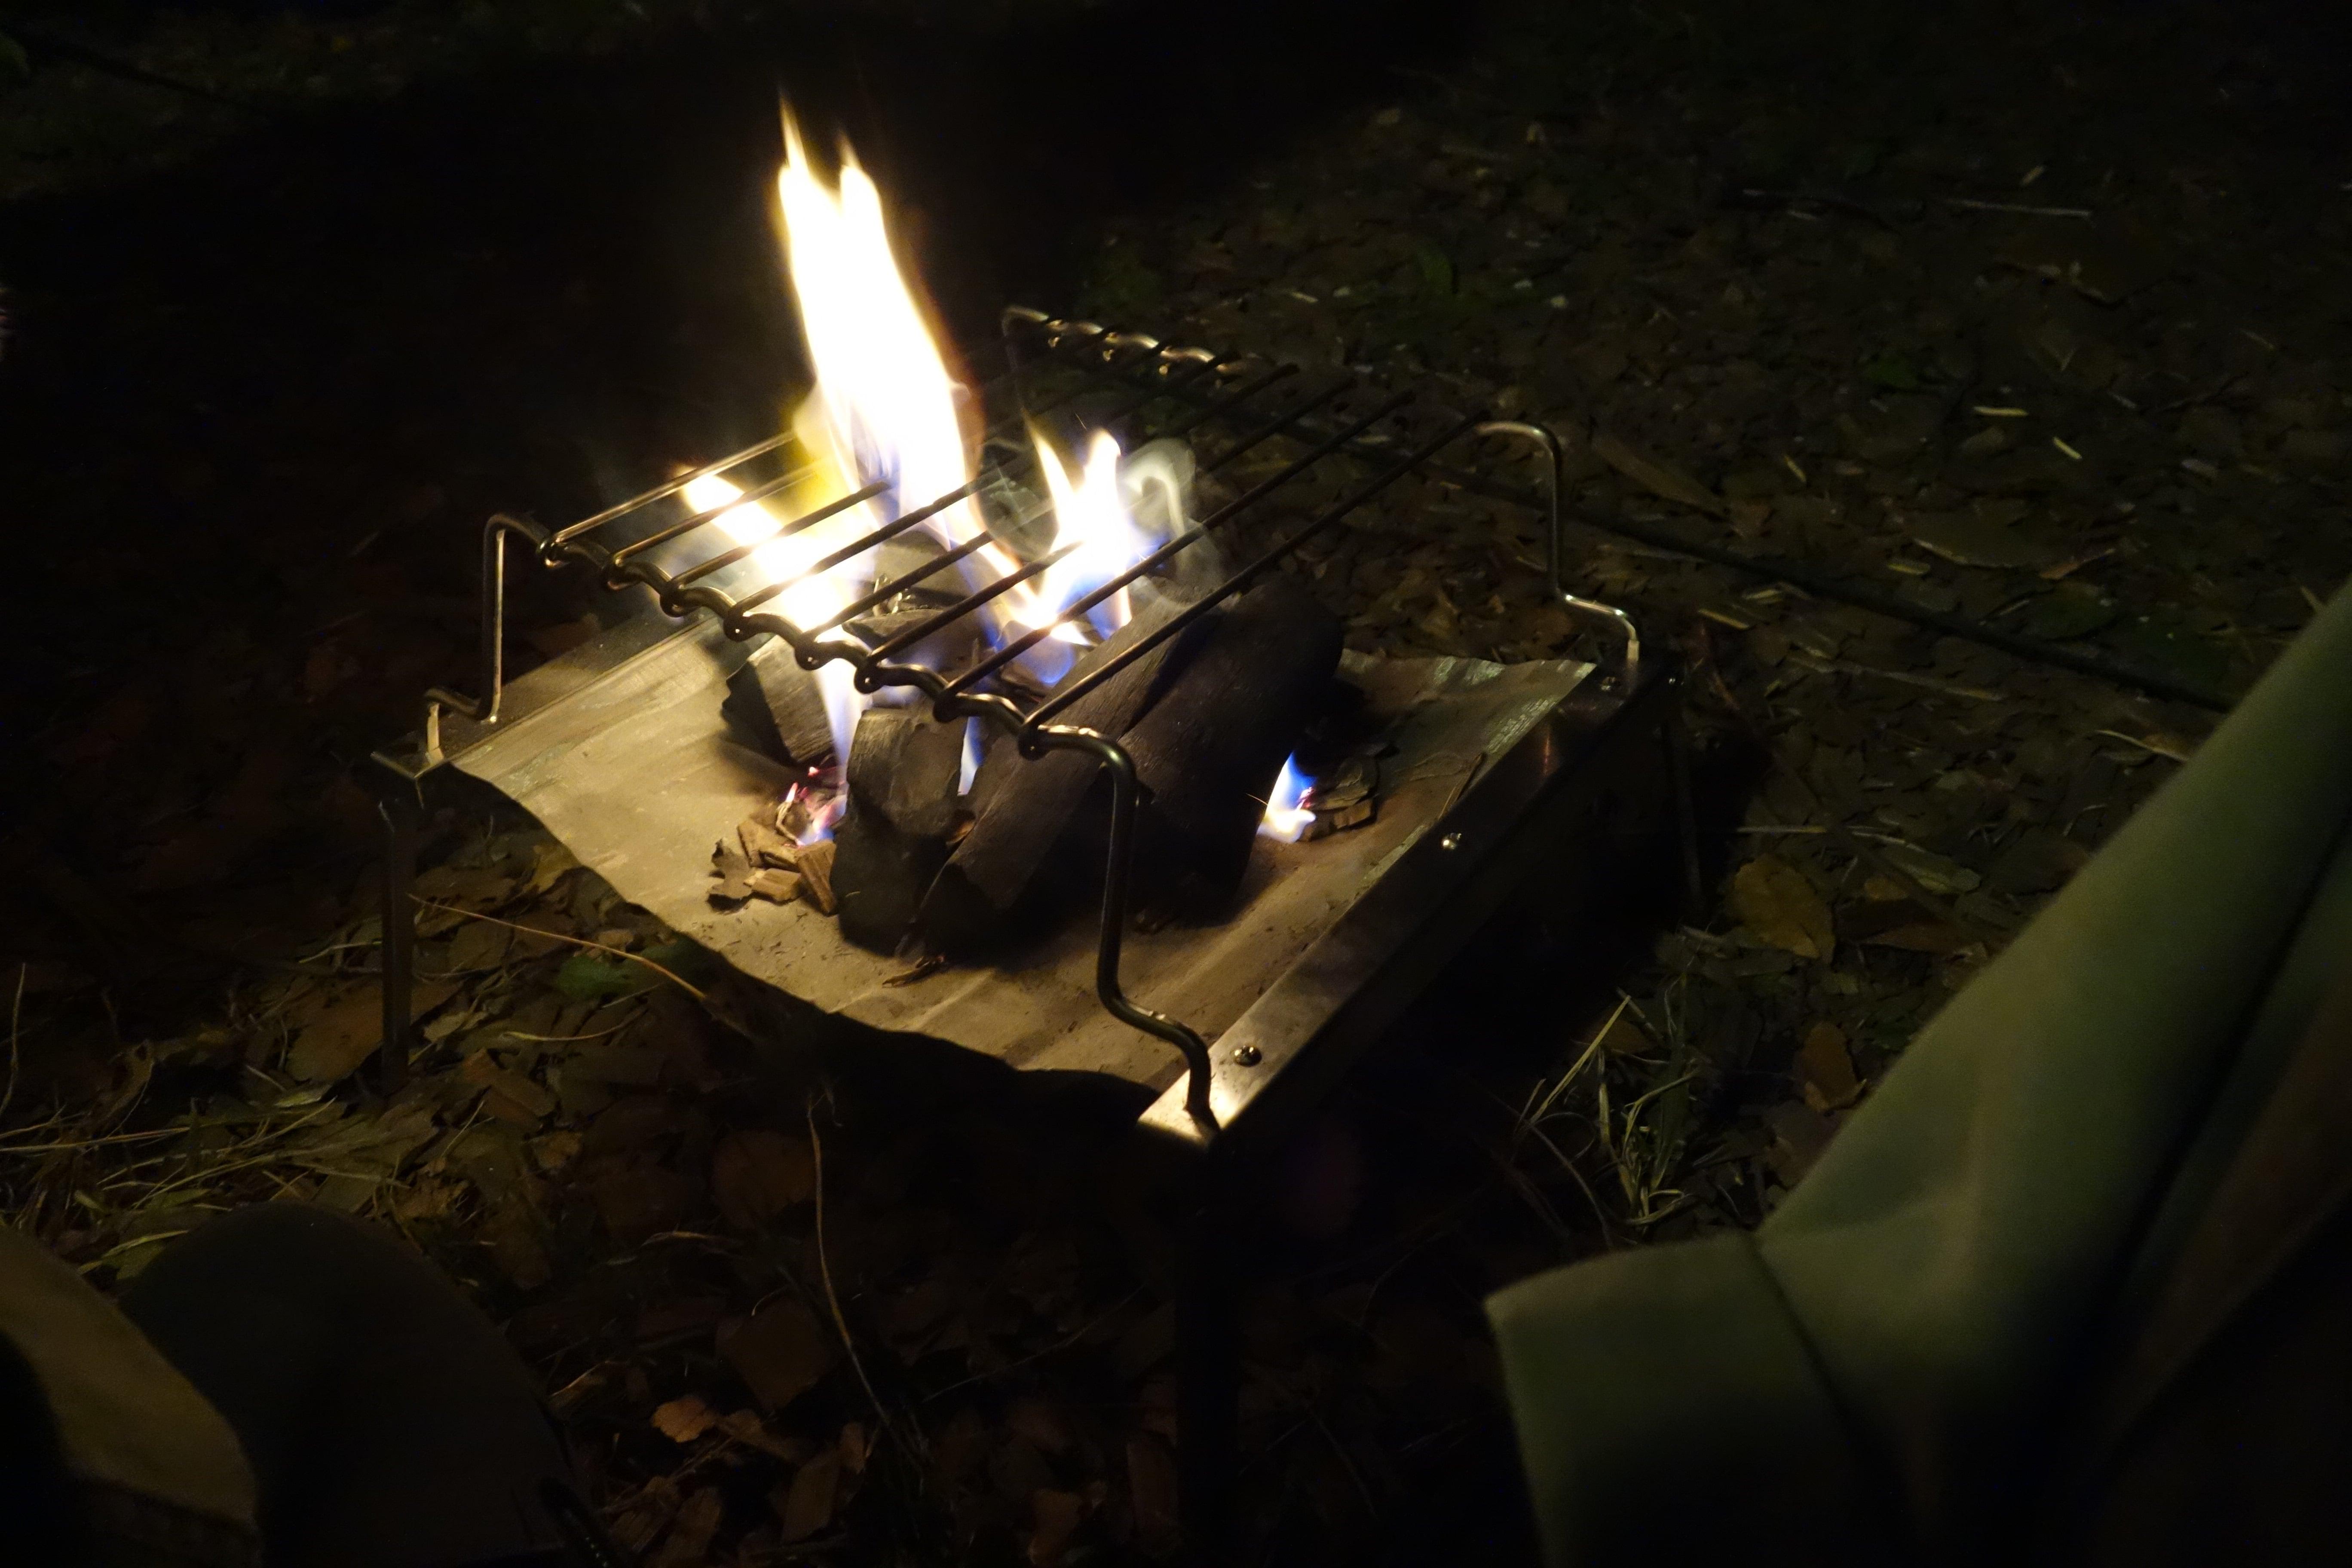 秘密のグリルちゃん焚き火台